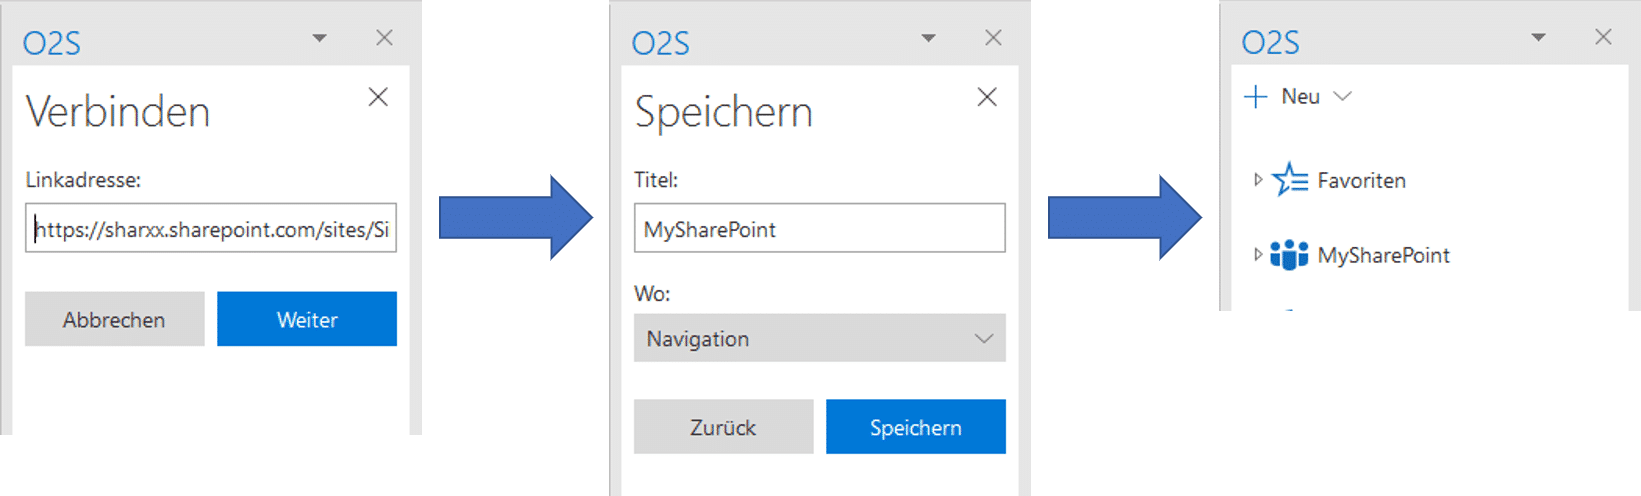 Office 2 Sharepoint mit SharePoint verbinden